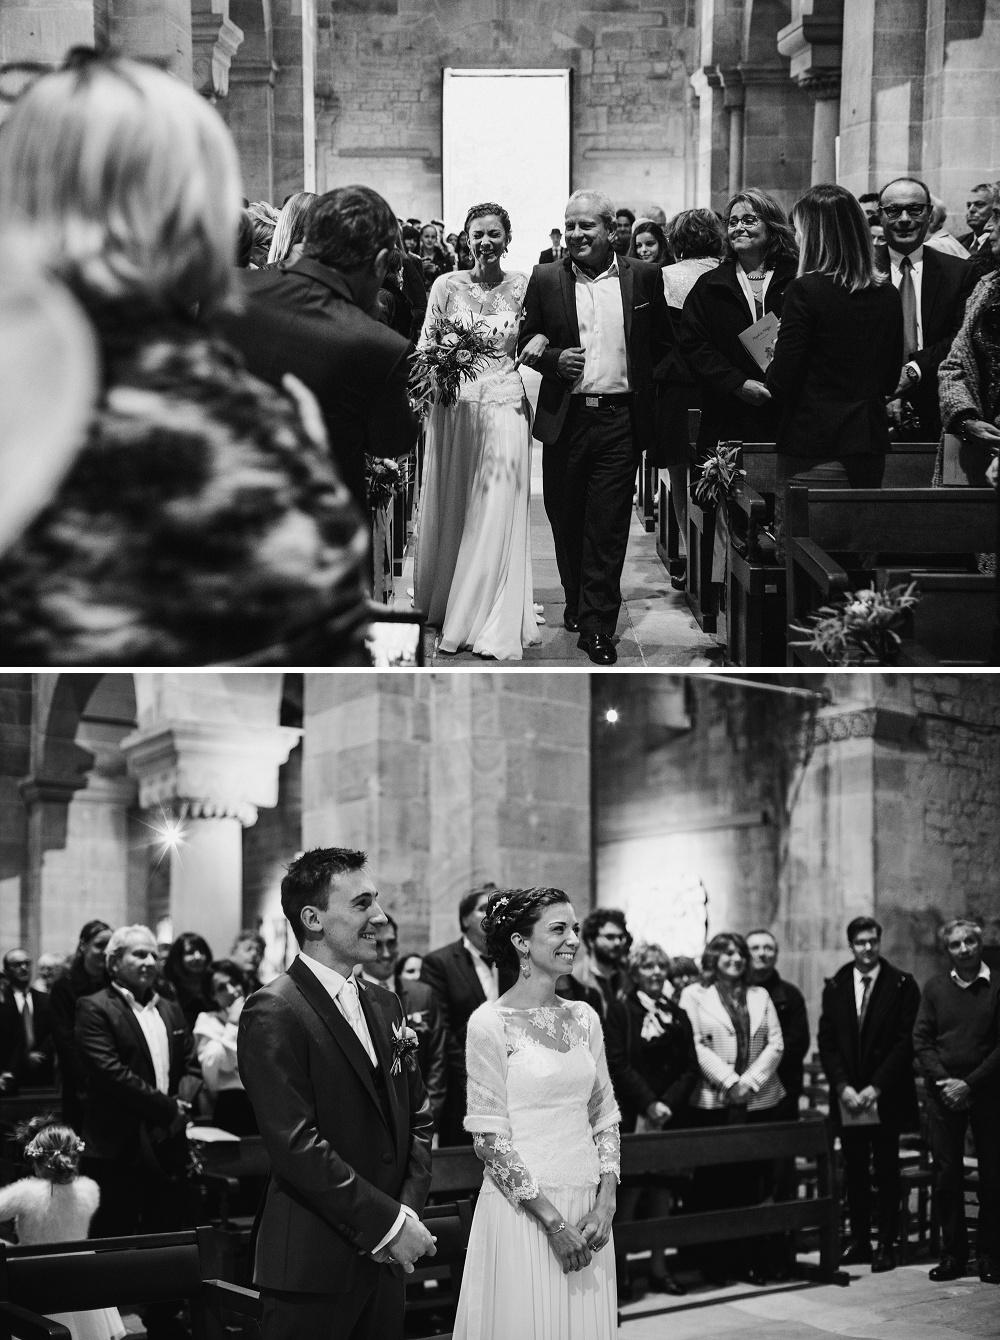 mariage-allemagne-molino-08.jpg